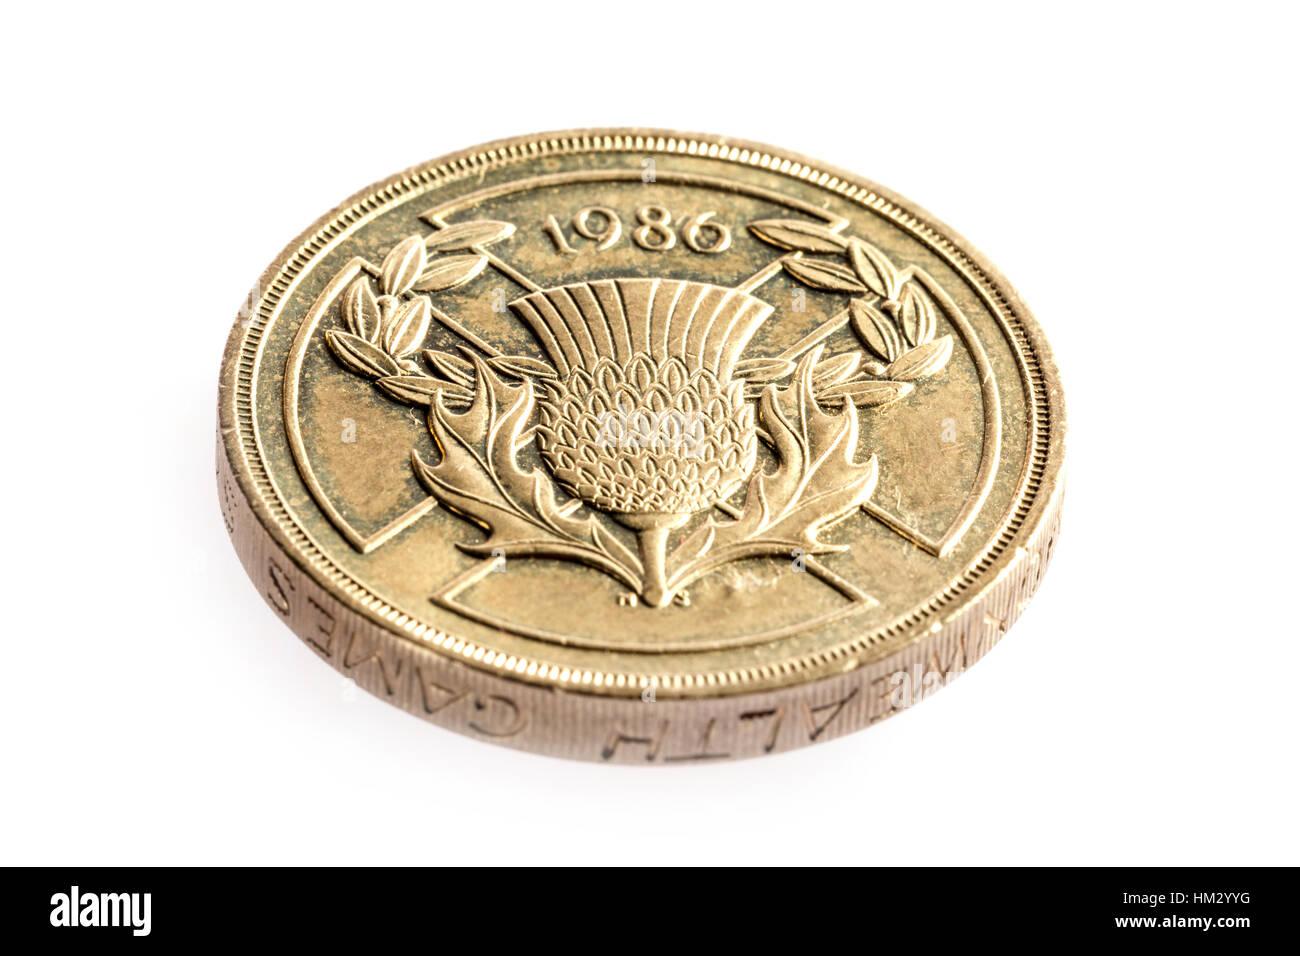 1986 Zwei Pfund Münze Eingeführt Um Den Commonwealth Games